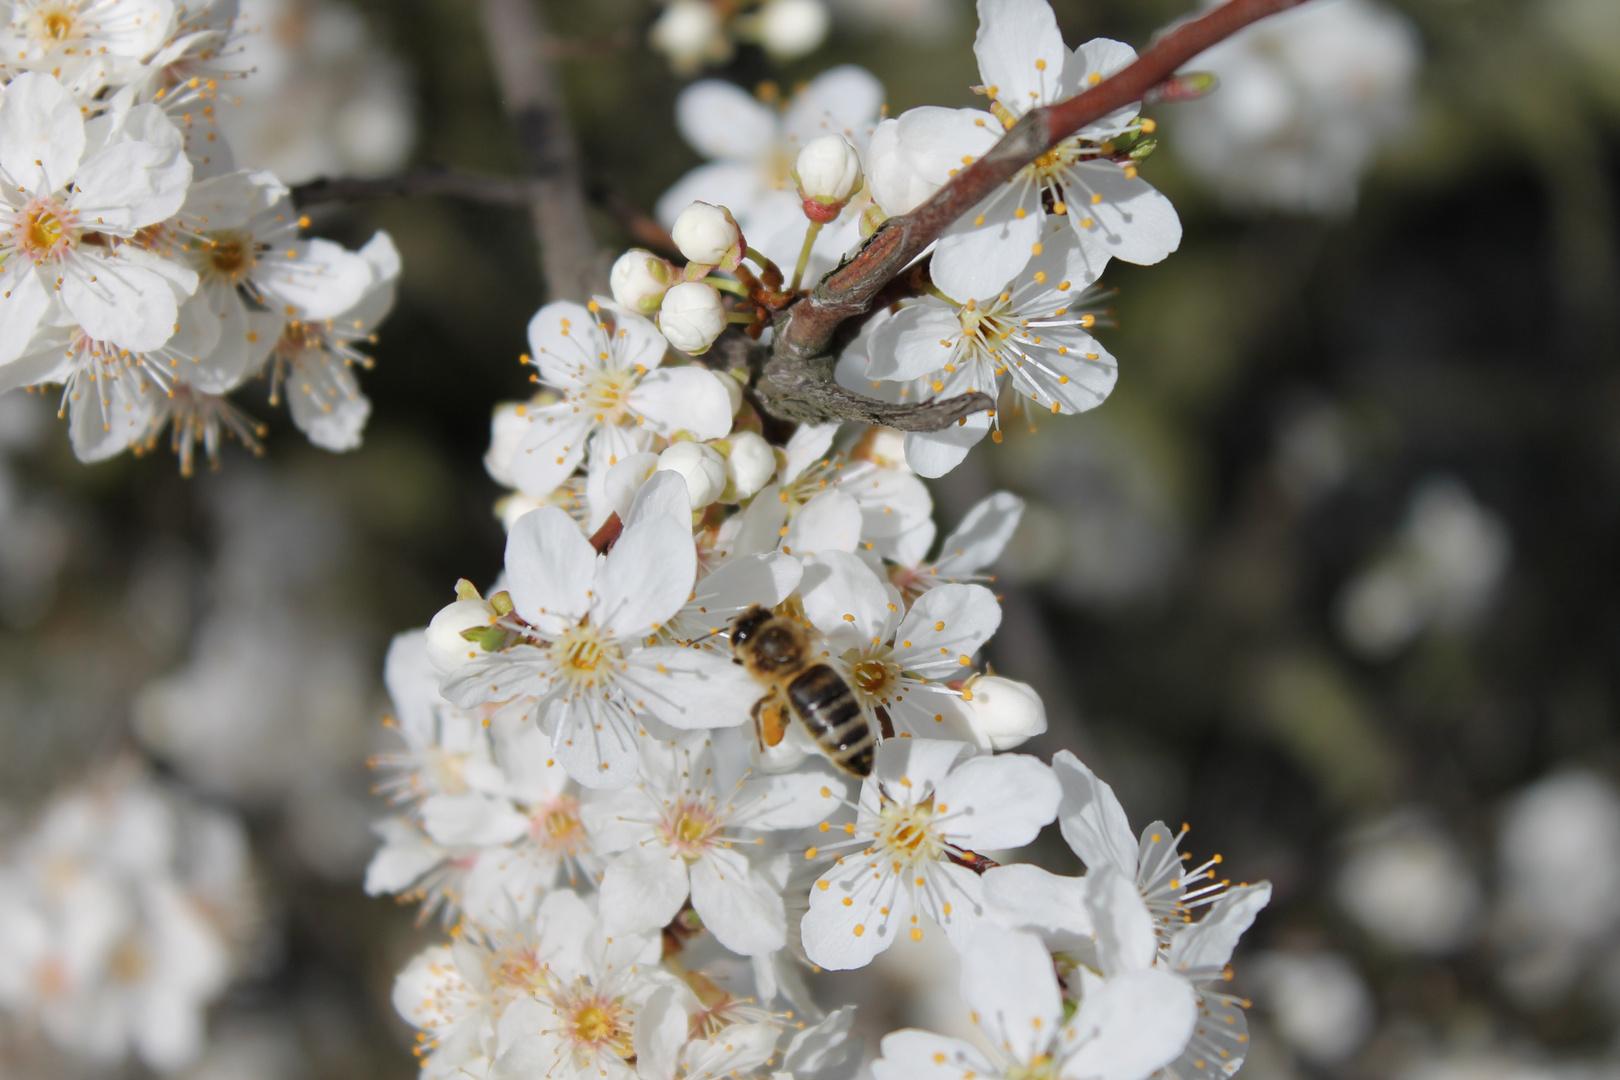 Die erste Biene des Jahres (Danke für den Tipp)